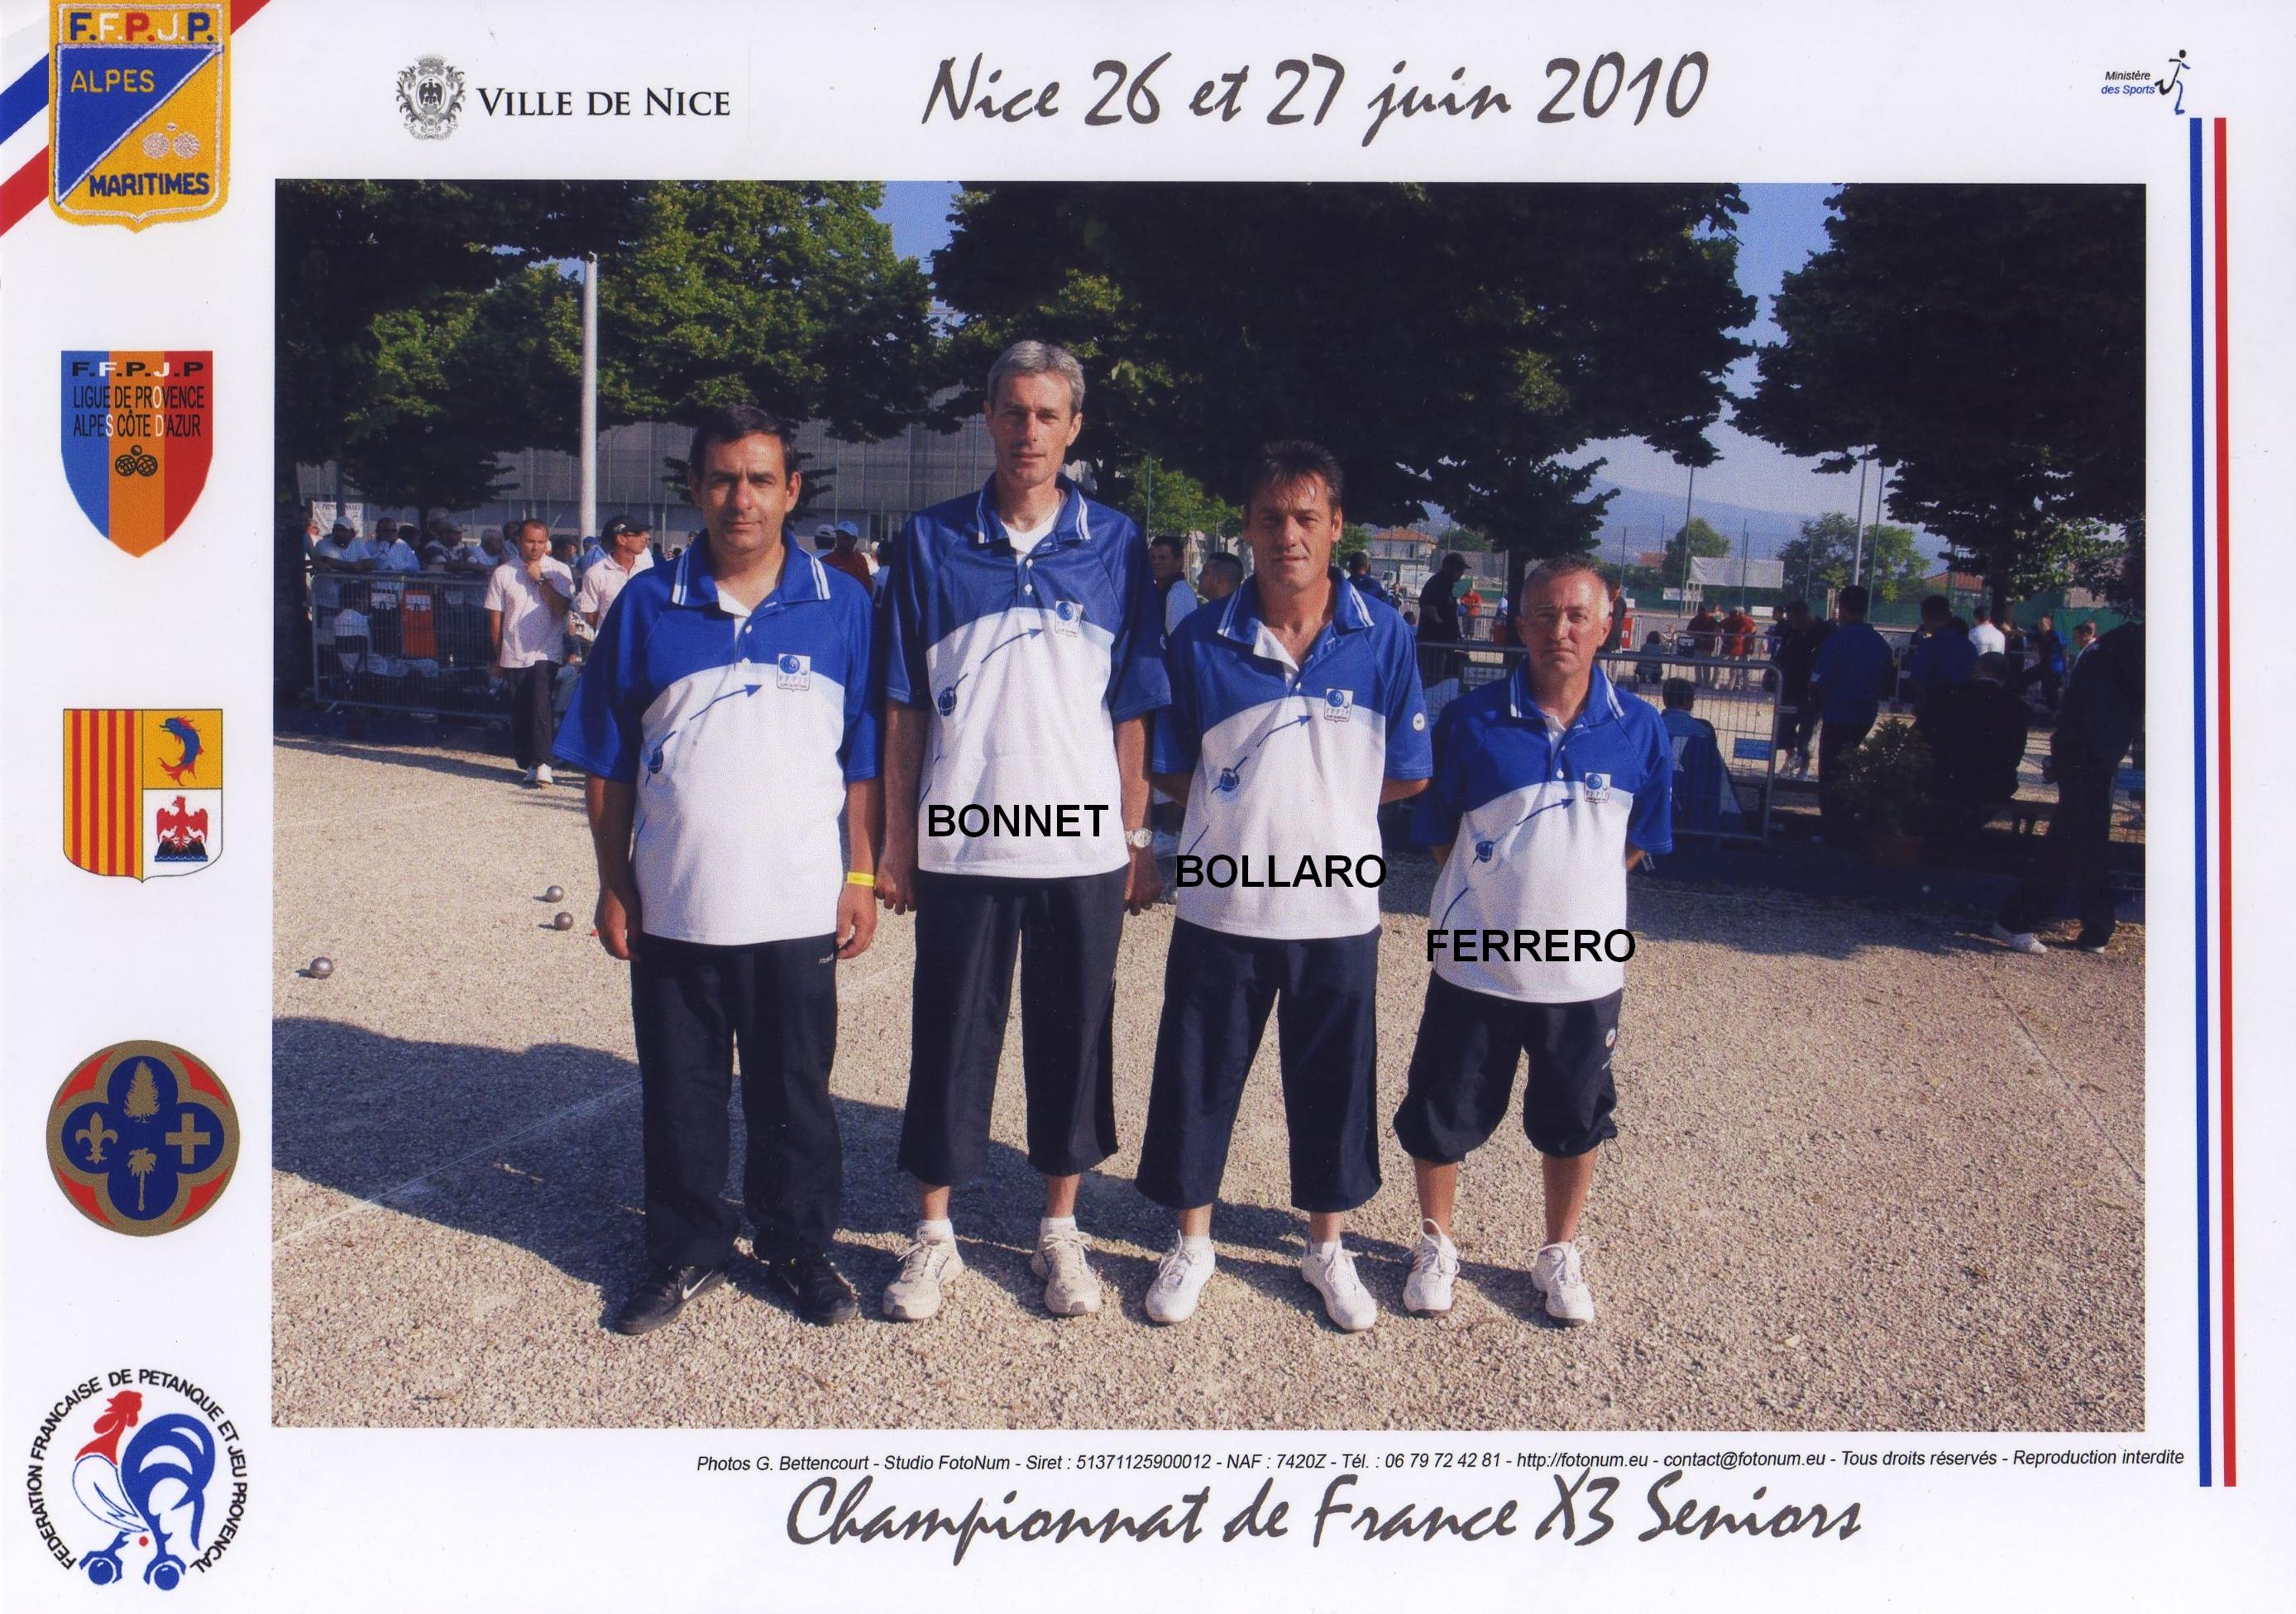 7ème France triplettes à NICE en 2010 perdu en 1/16 contre MALLINGER - BURTE - HARTUNG du 54